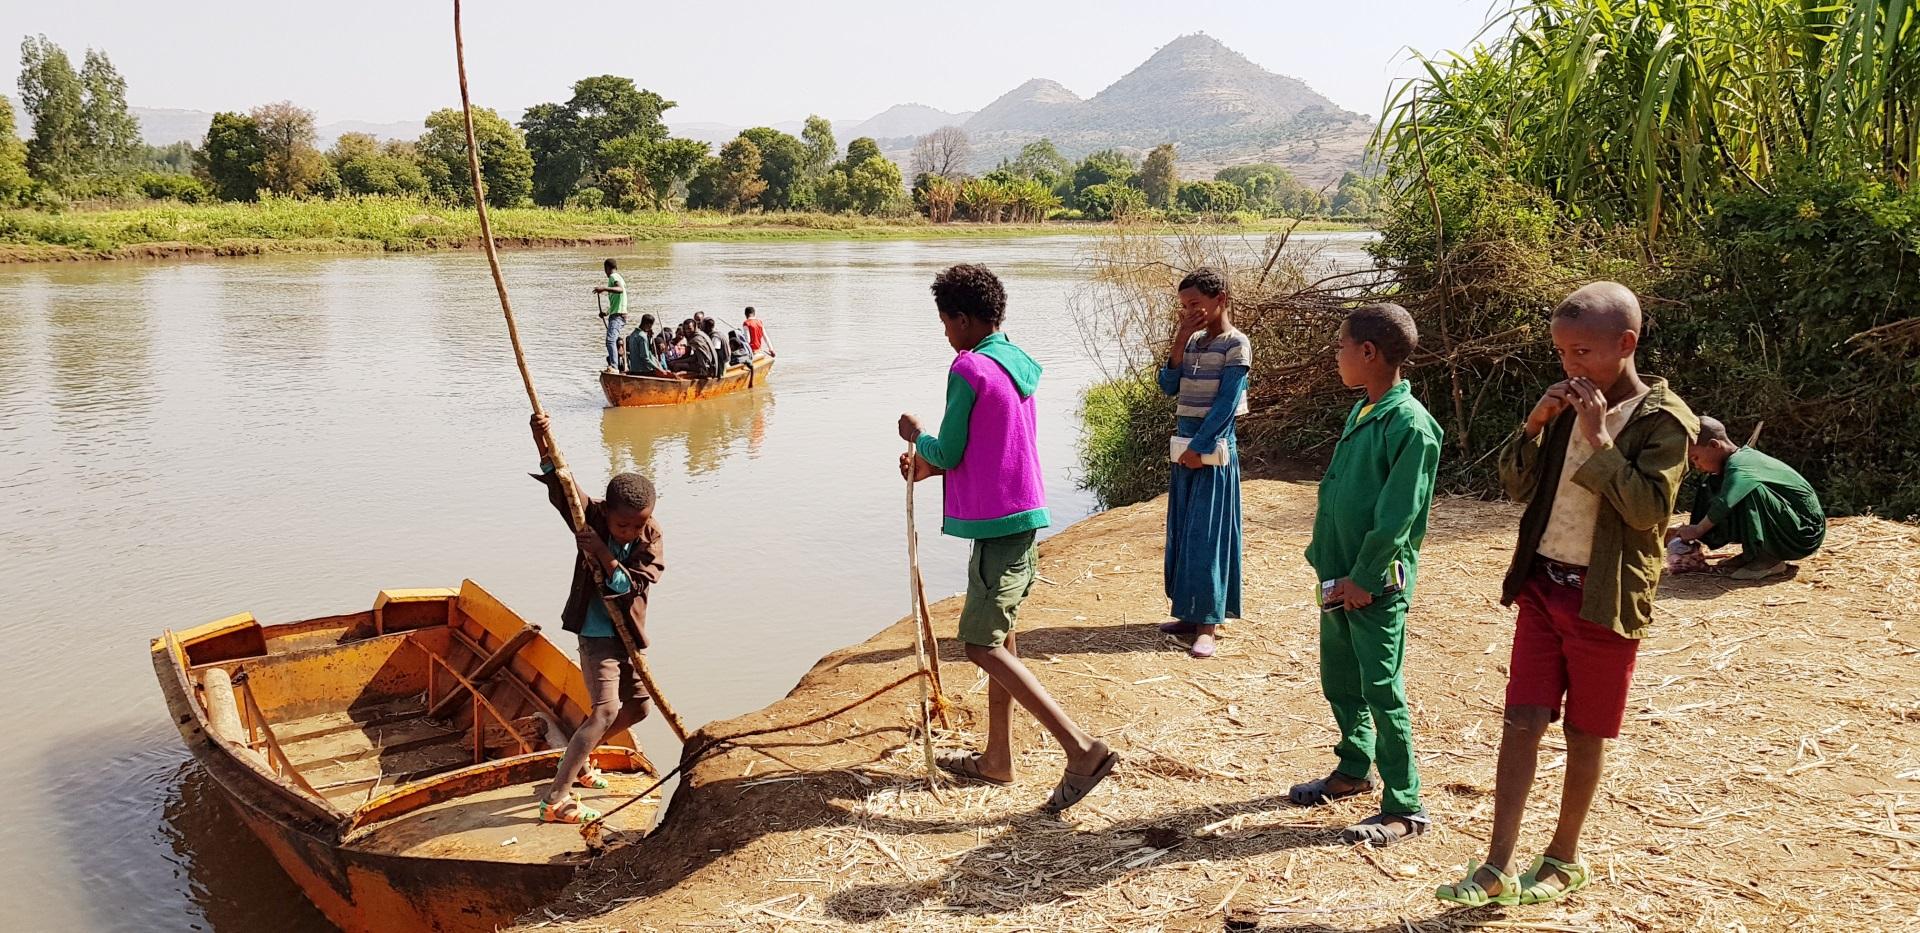 Visiter Le Lac Tana - Ethiopie